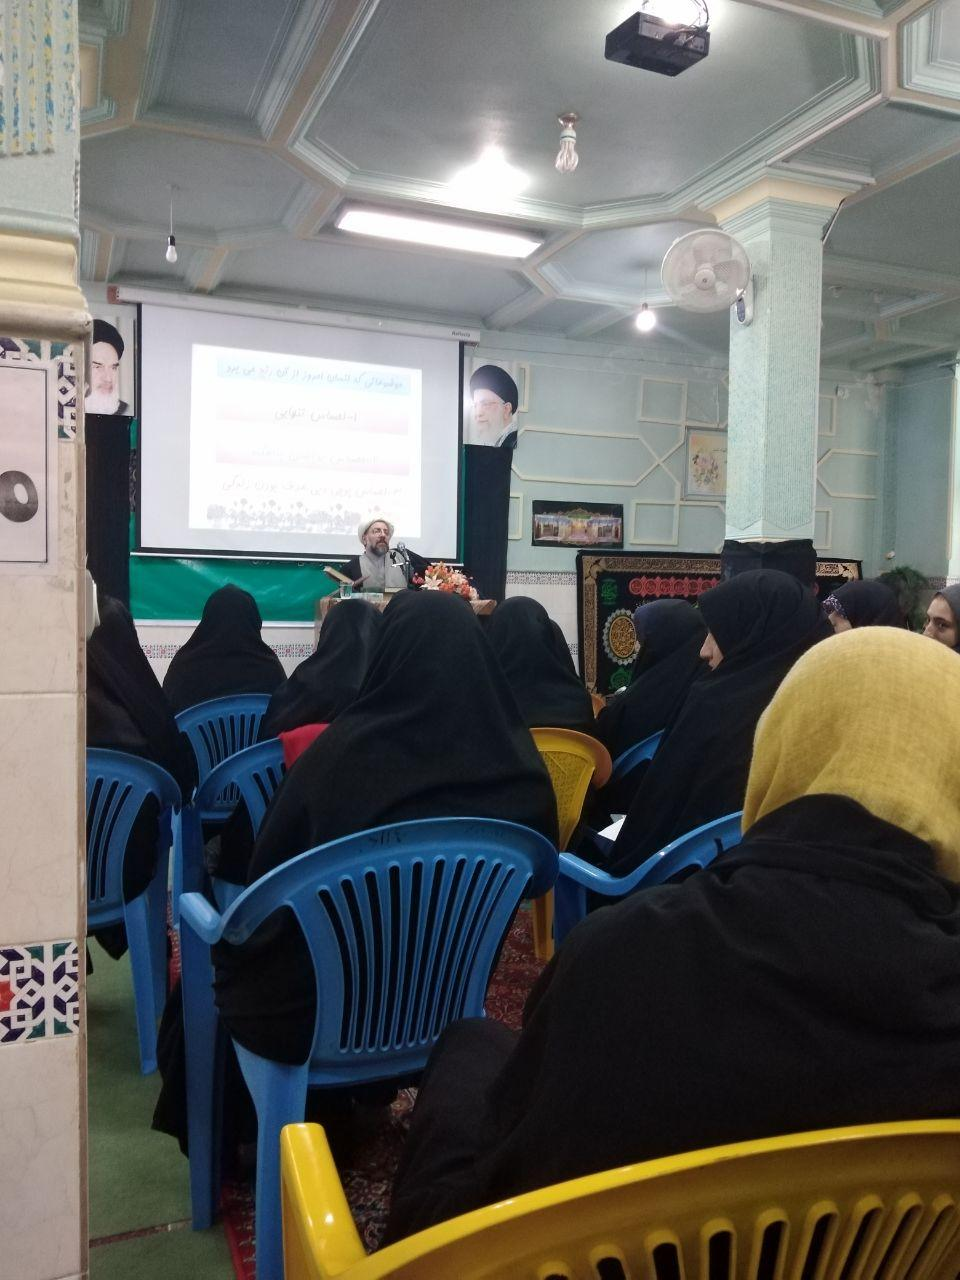 جلسه چهارم دختران وصال (طرح مطالعاتی ۱۳تا۱۸سال)دارالقران مهدیشهر